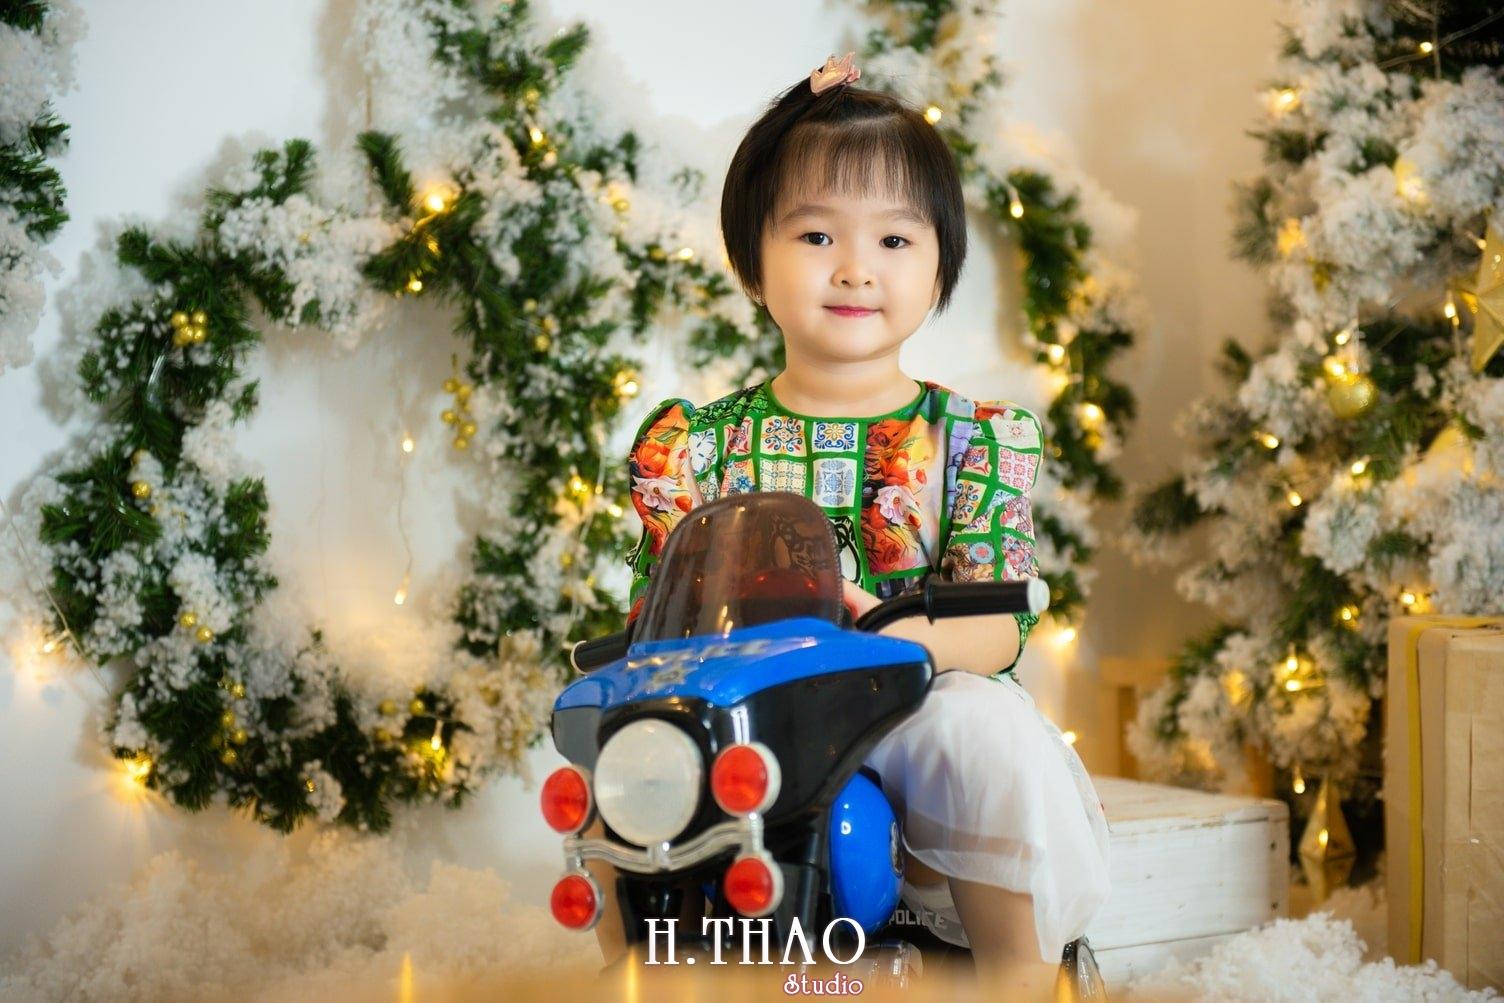 Anh be noel 29 - Album ảnh noel chụp cho con gái cưng chị Linh - HThao Studio